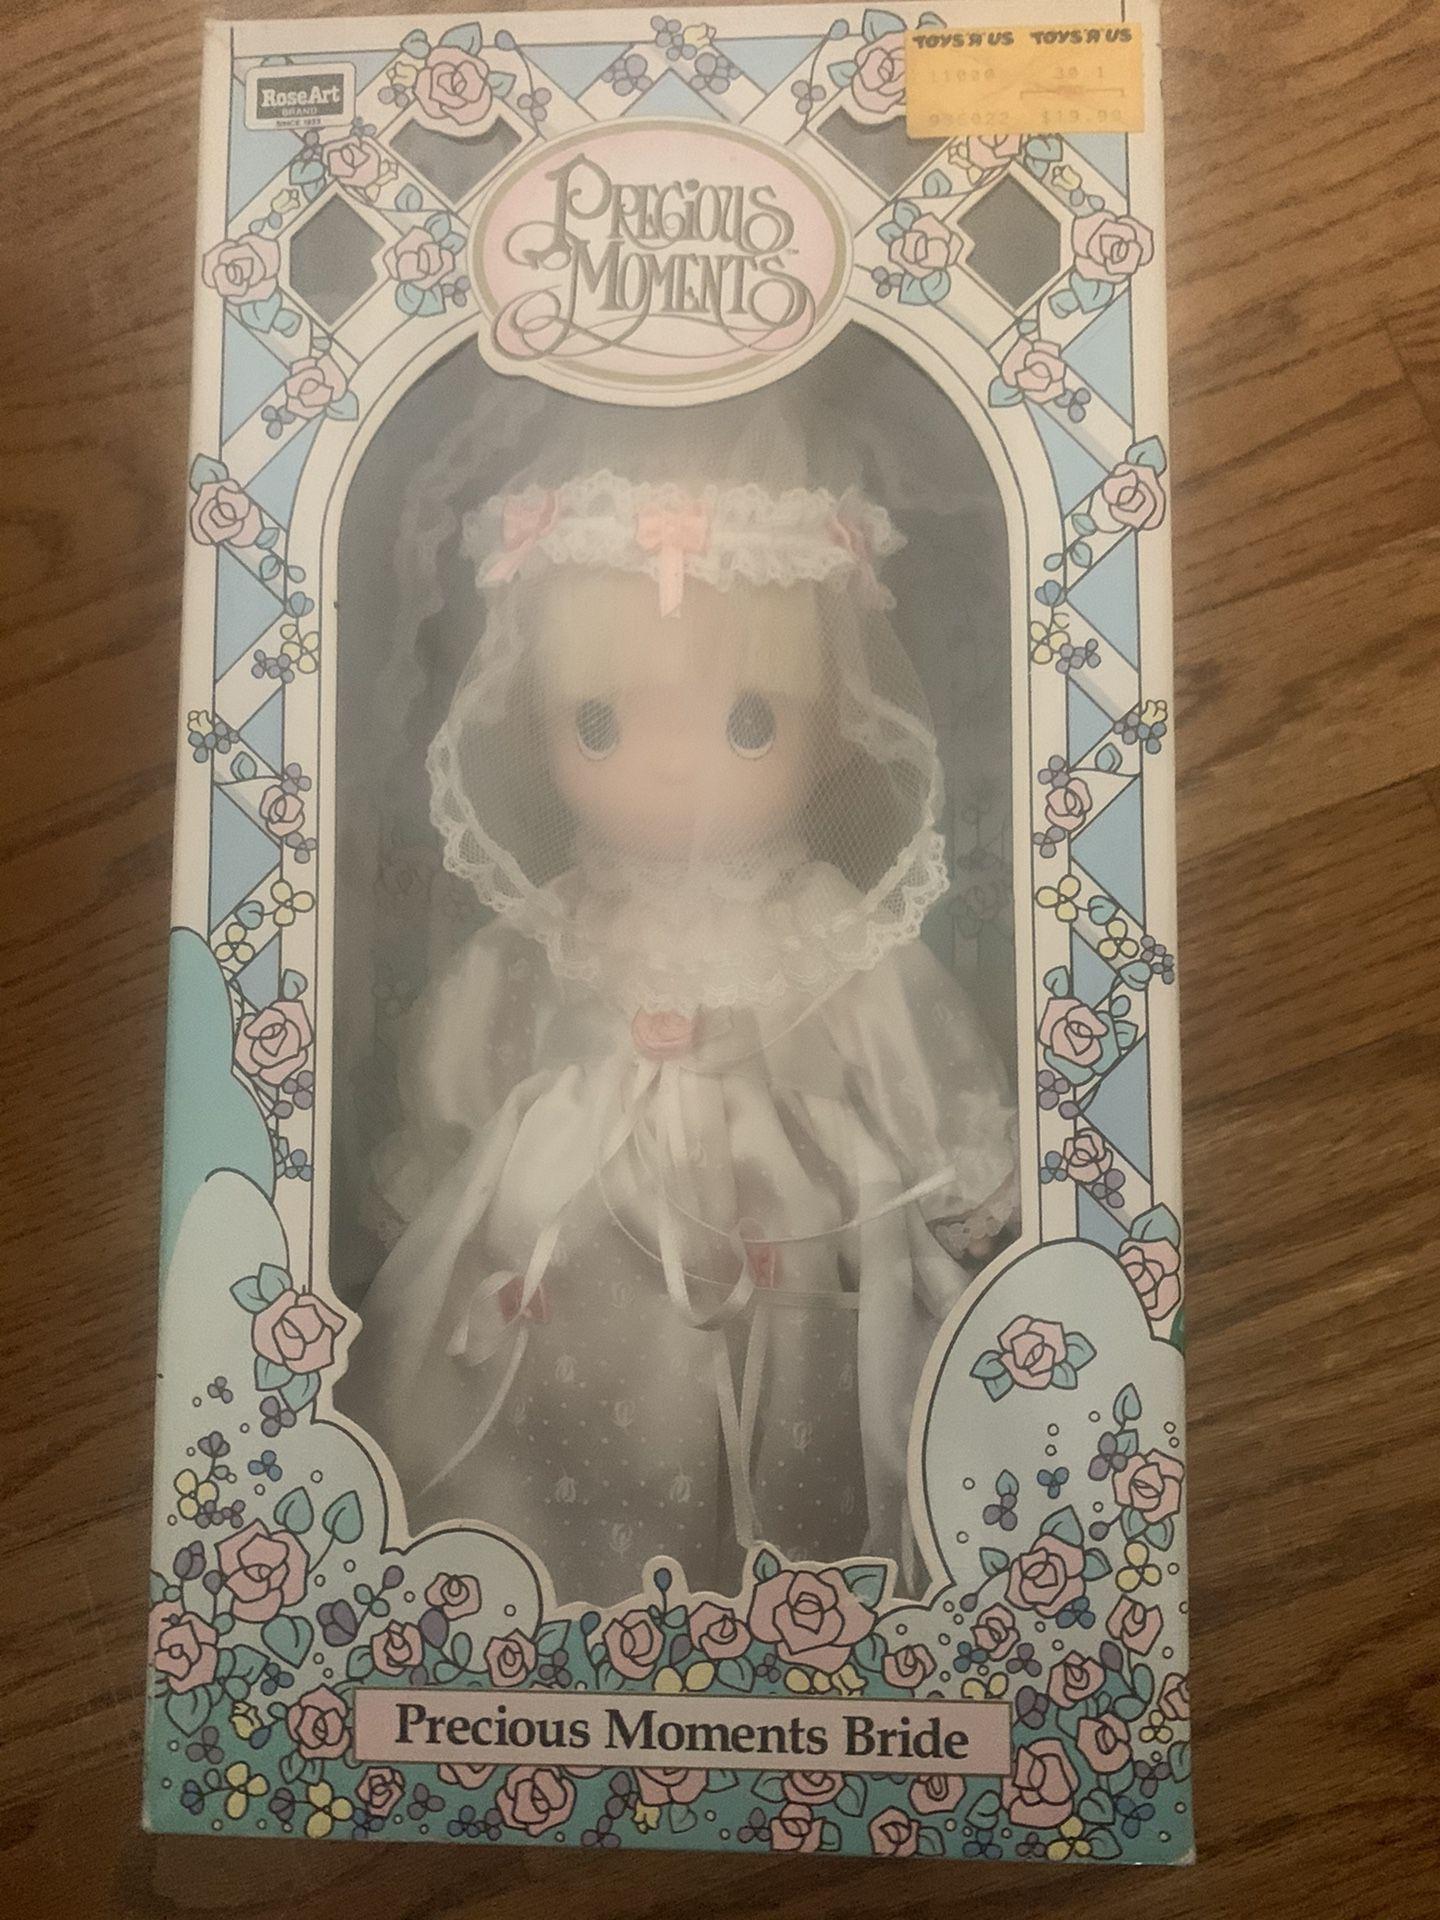 Vintage 1990's Precious Moments Bride Doll